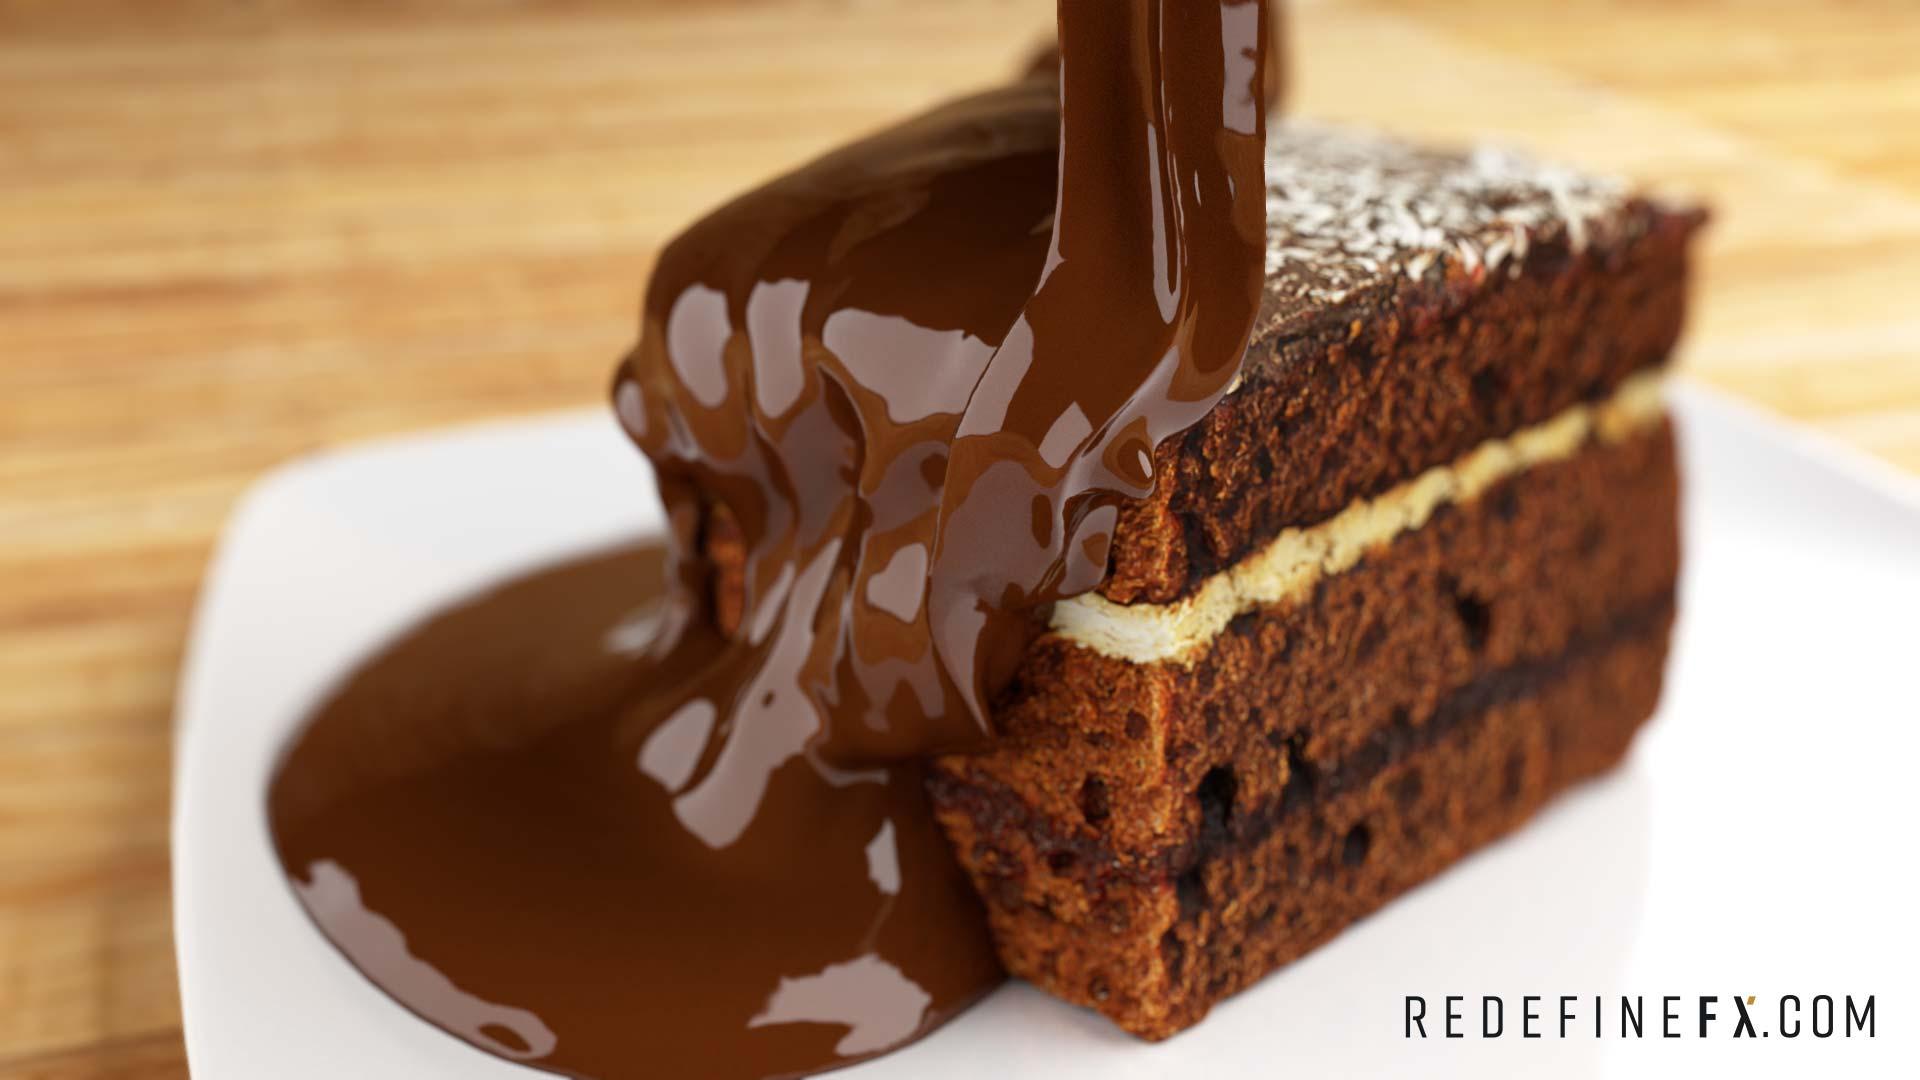 chocolate liquid simulation